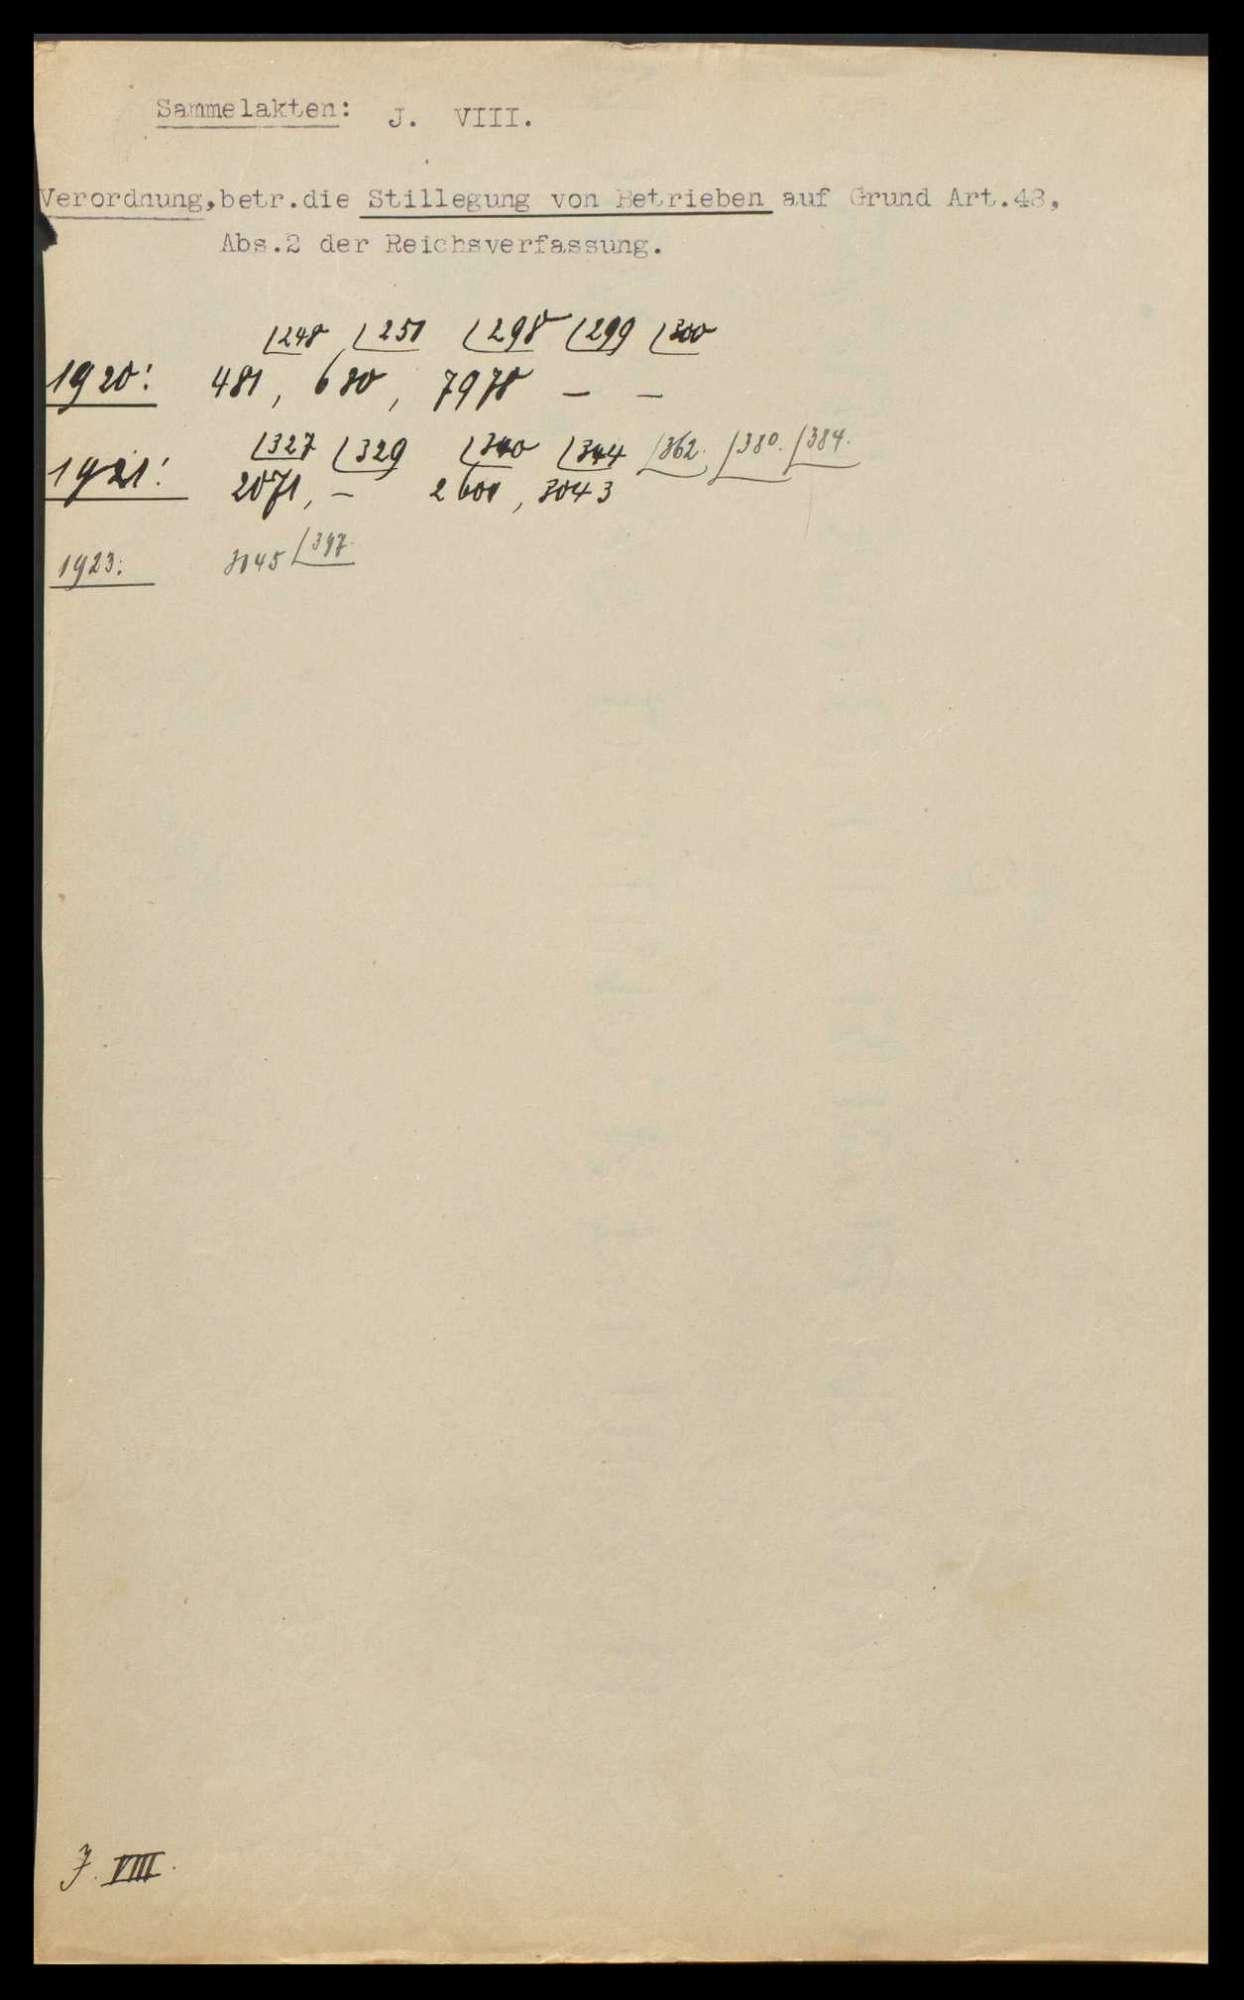 Verordnung des Reichspräsidenten vom 10.10.1920 über die Stillegung von Betrieben, welche die Bevölkerung mit Gas, Wasser und Elektrizität versorgen und Beachtung dieser Bestimmung bei Unruhen und Streiks, Bild 2